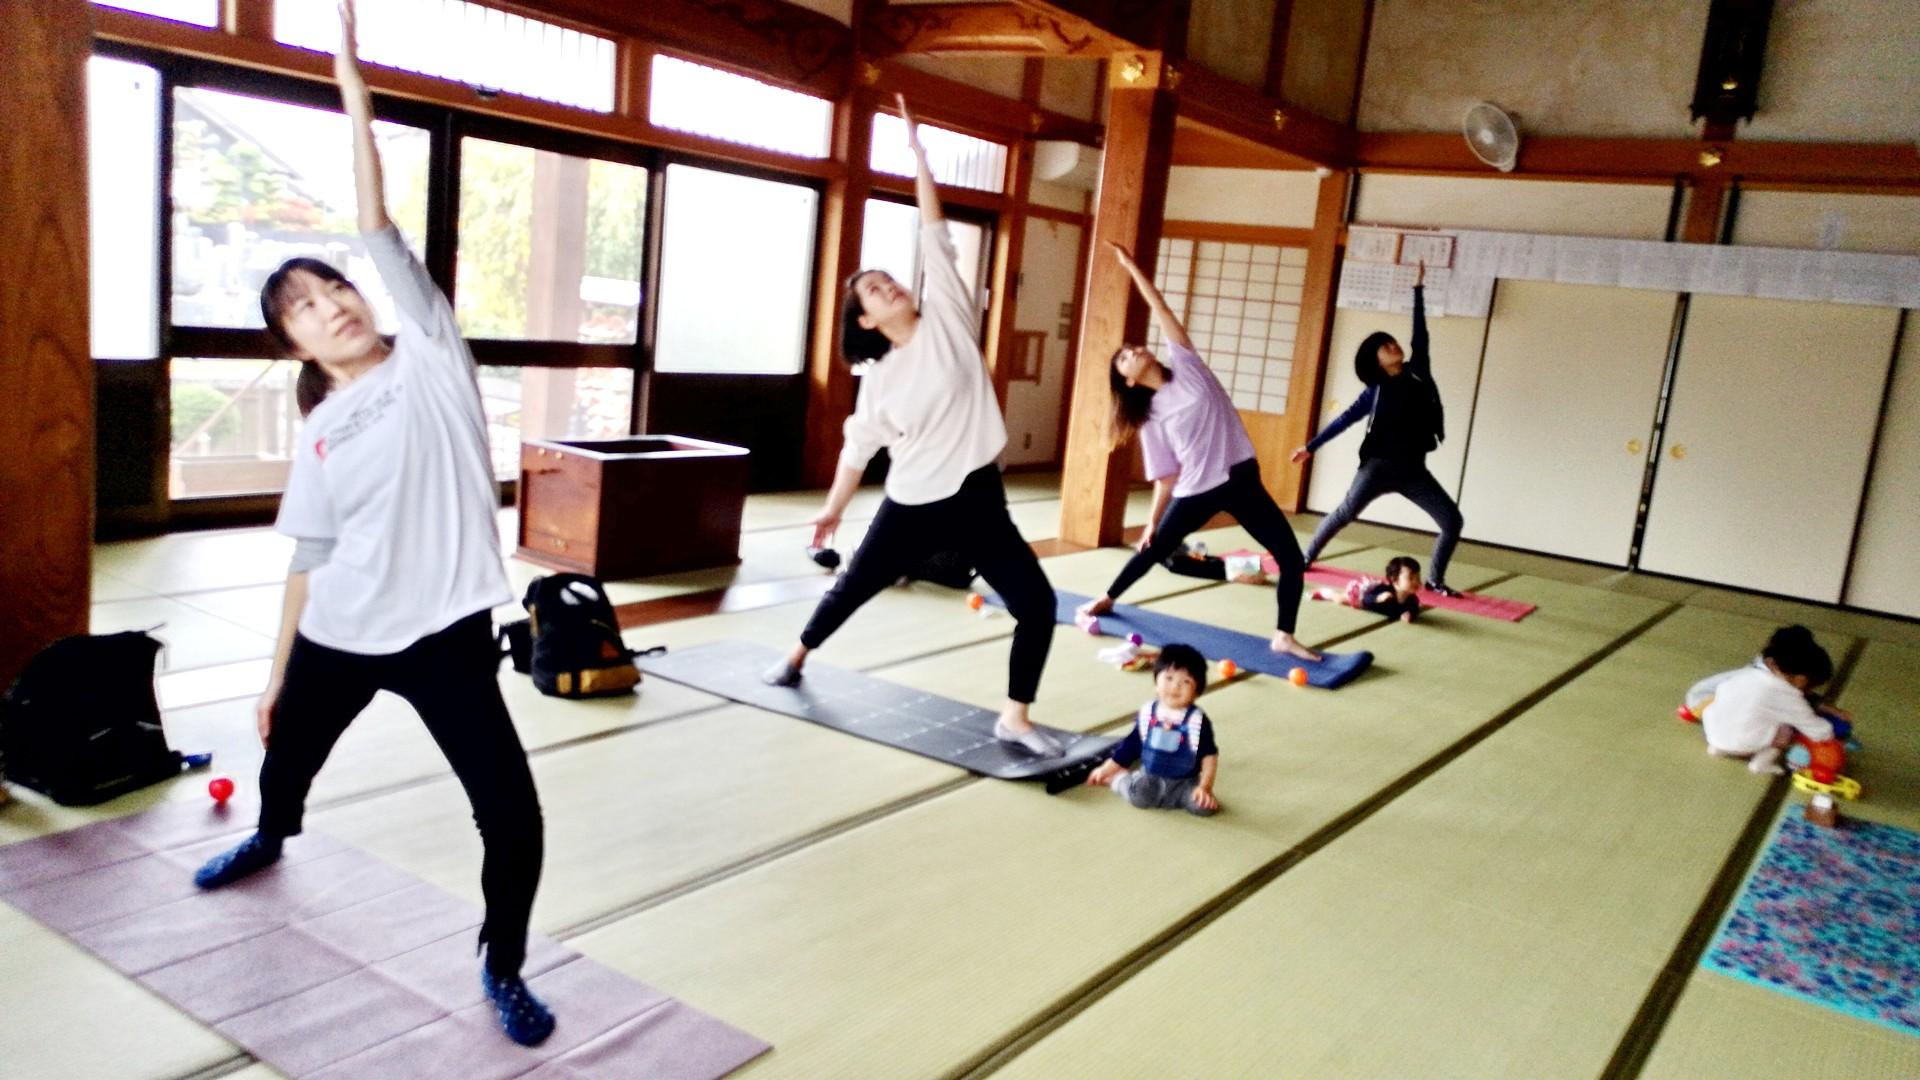 子連れヨガ【愛知県犬山市ヨガ教室】産後ヨガの画像